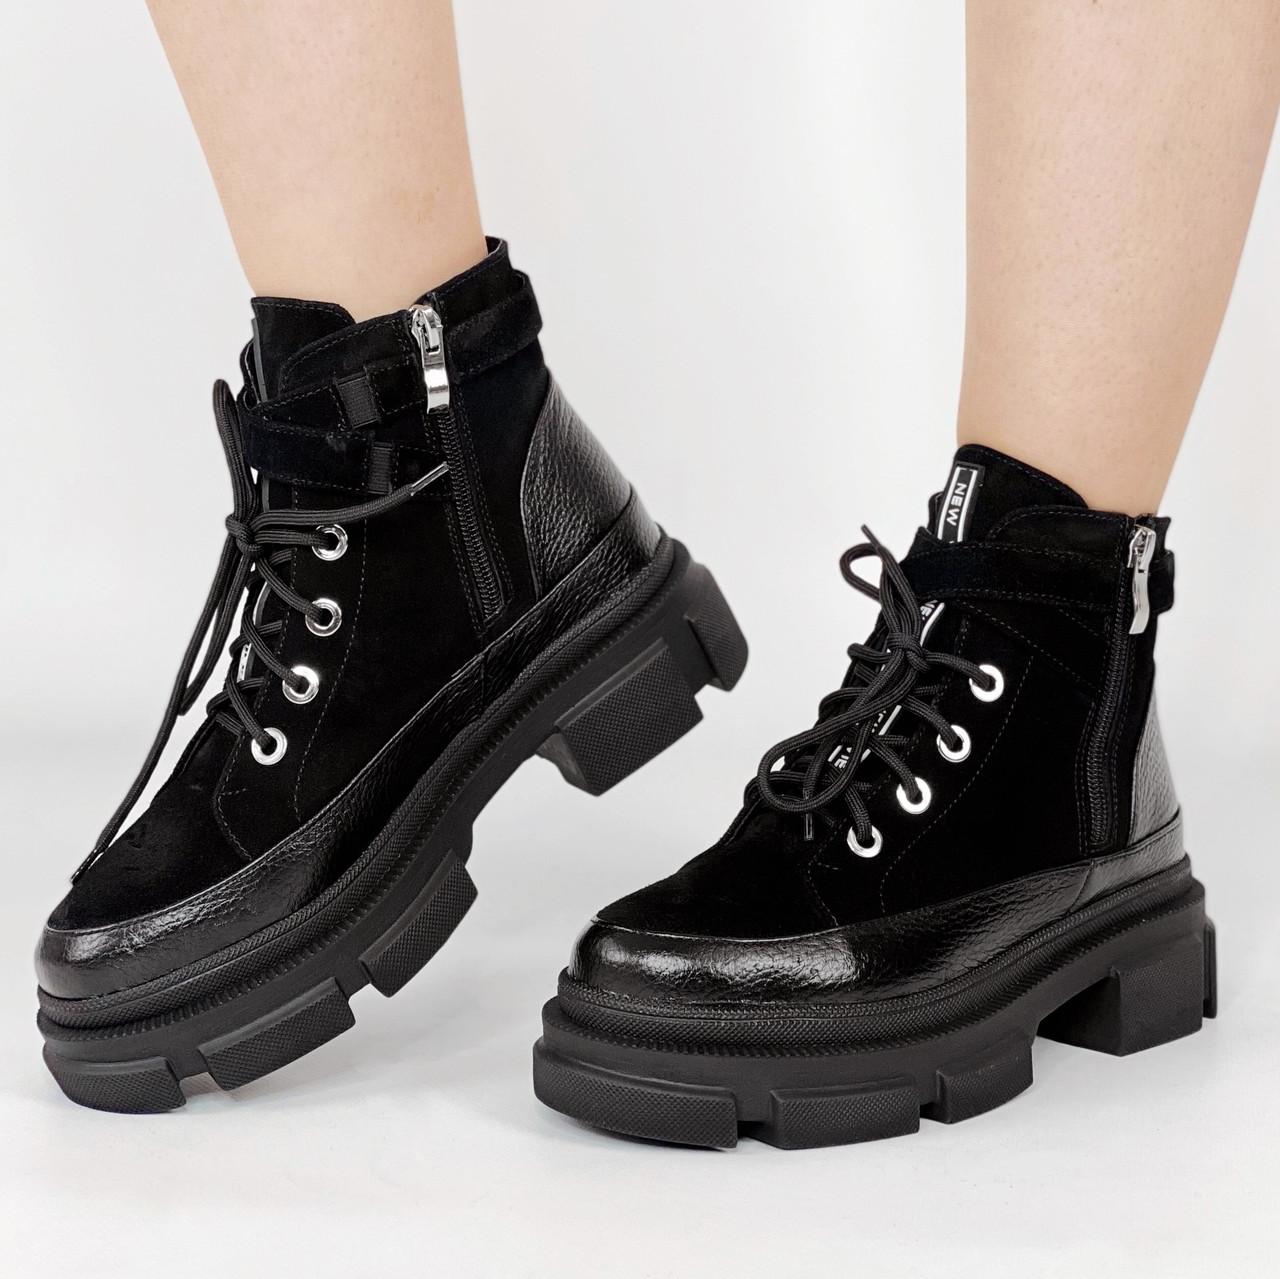 Ботинки женские замшевые короткие чёрные на шнурках MORENTO зимние